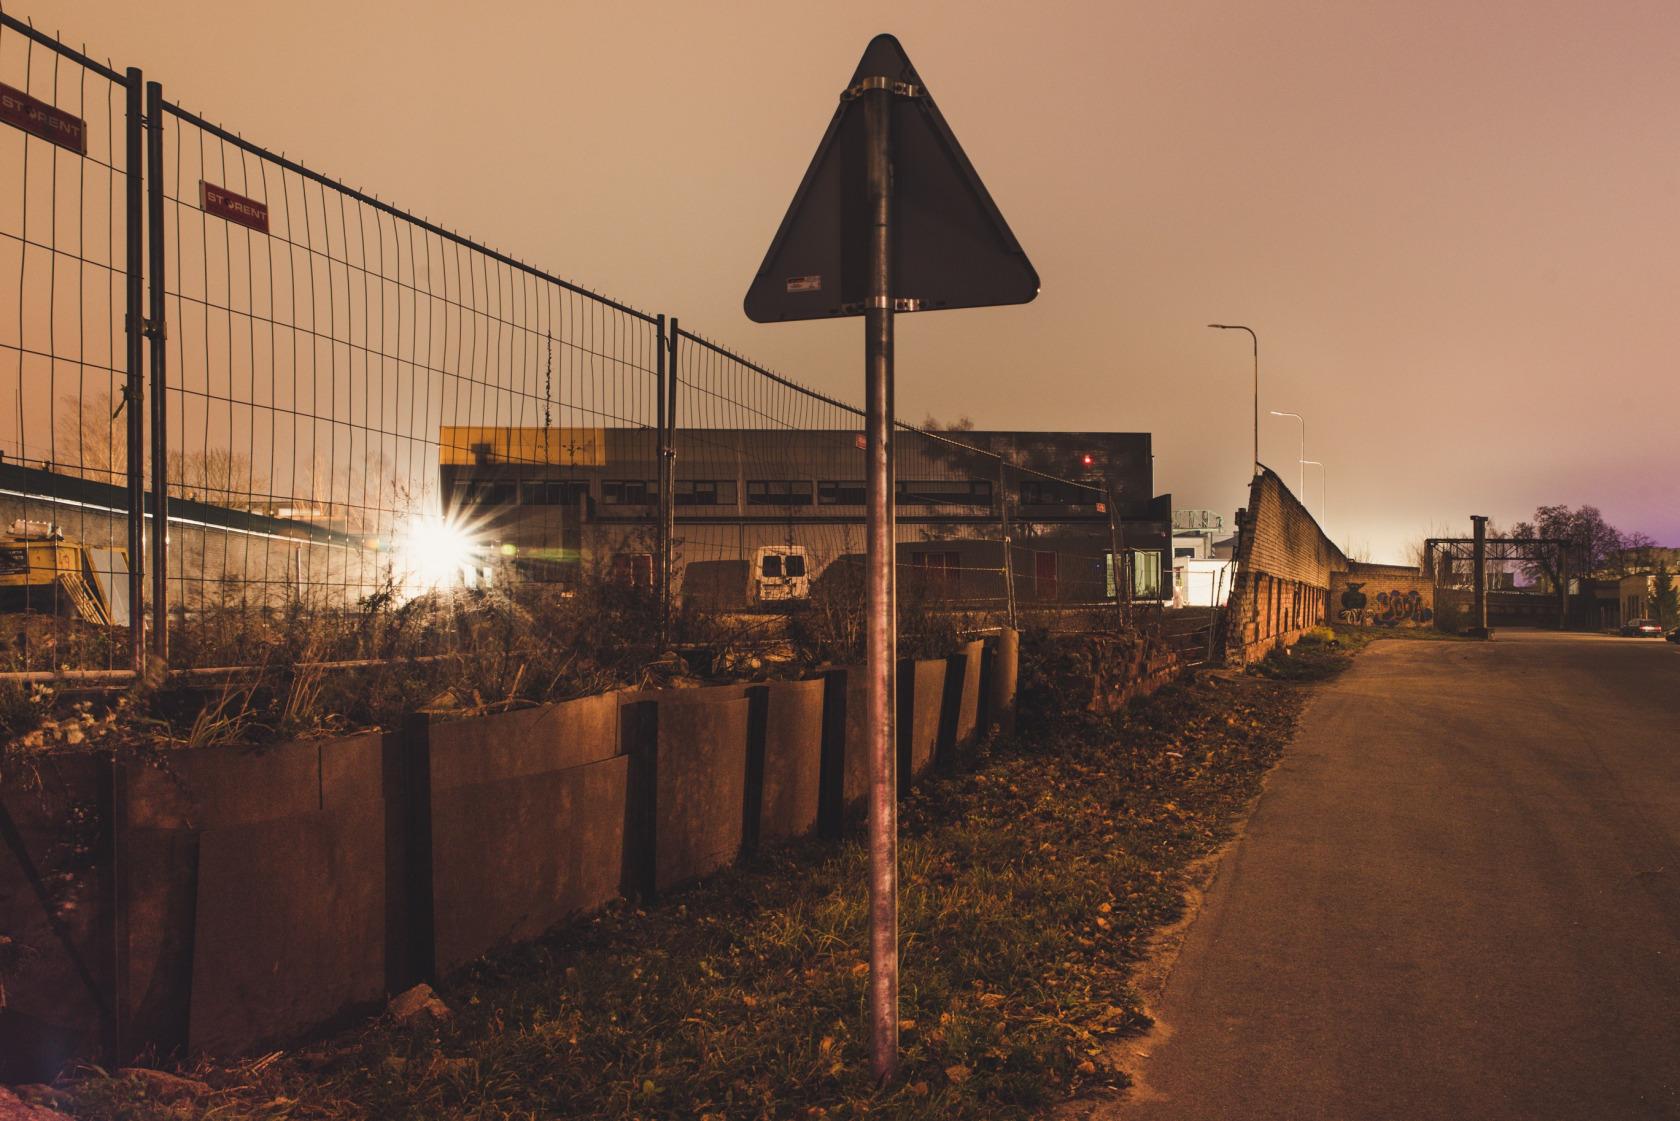 Tankų gamykla.  Arvydo Čiukšio nuotrauka